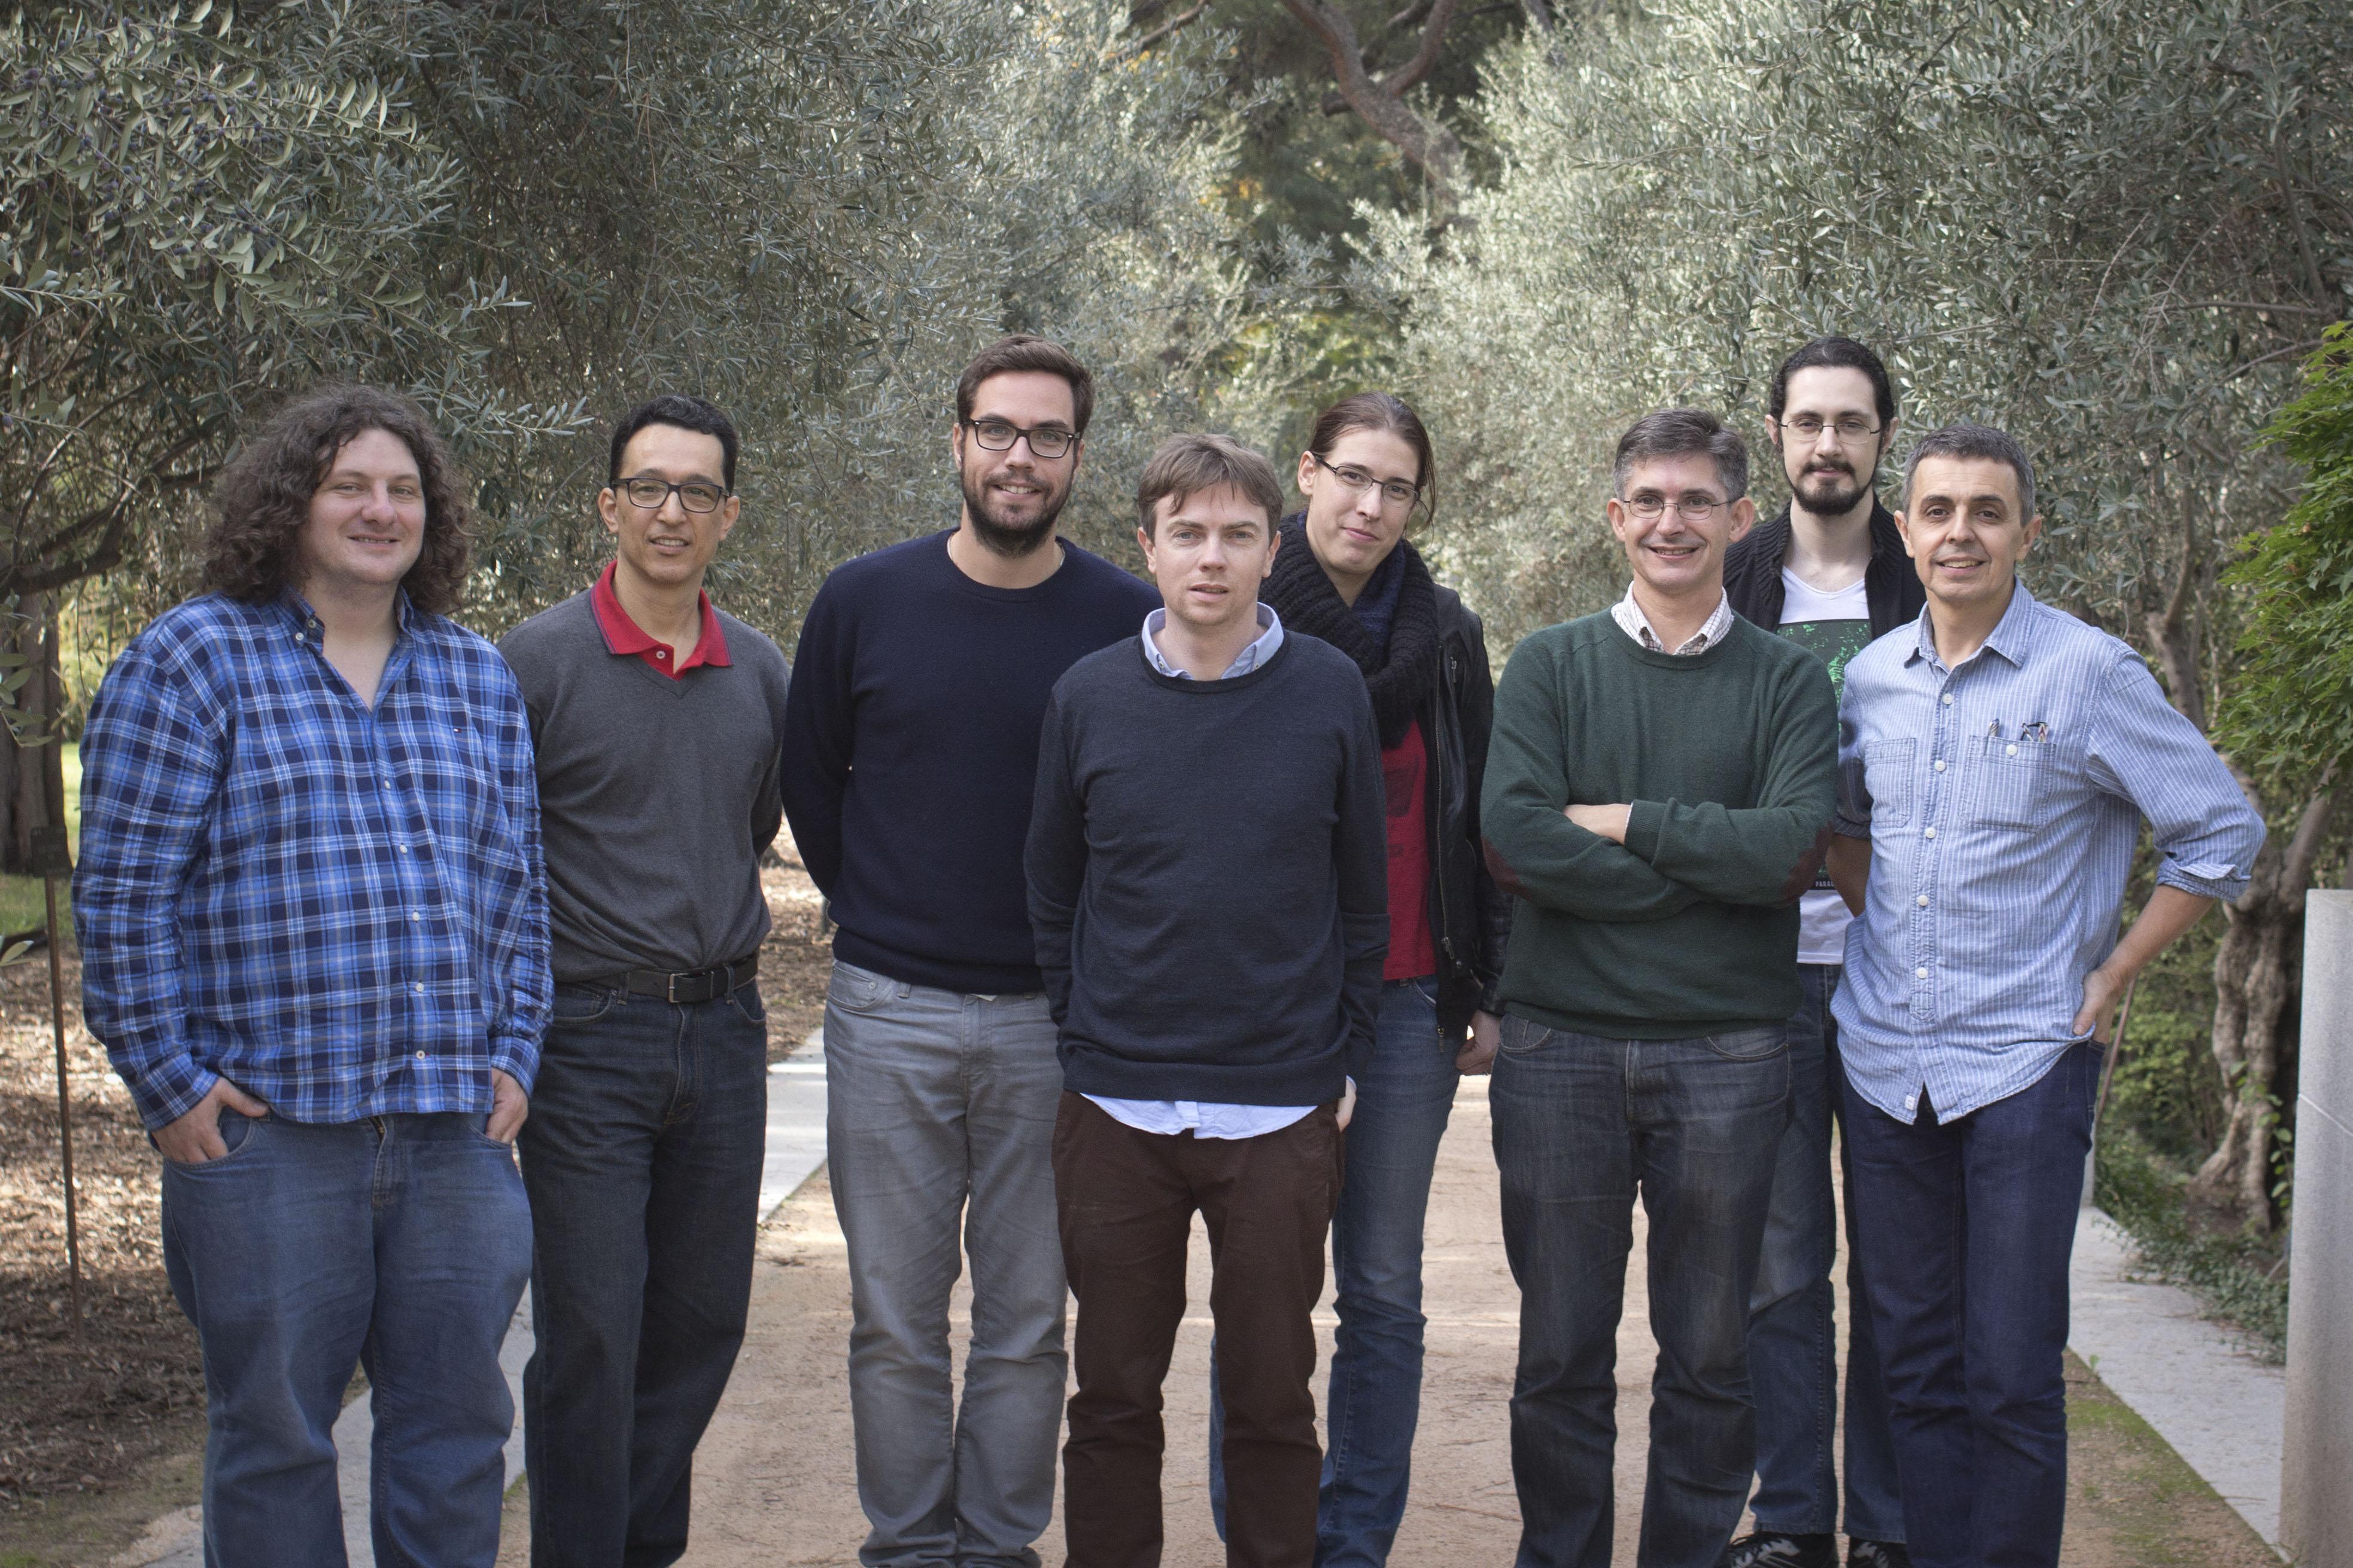 Participantes Reunião CoopBioPlat Madrid